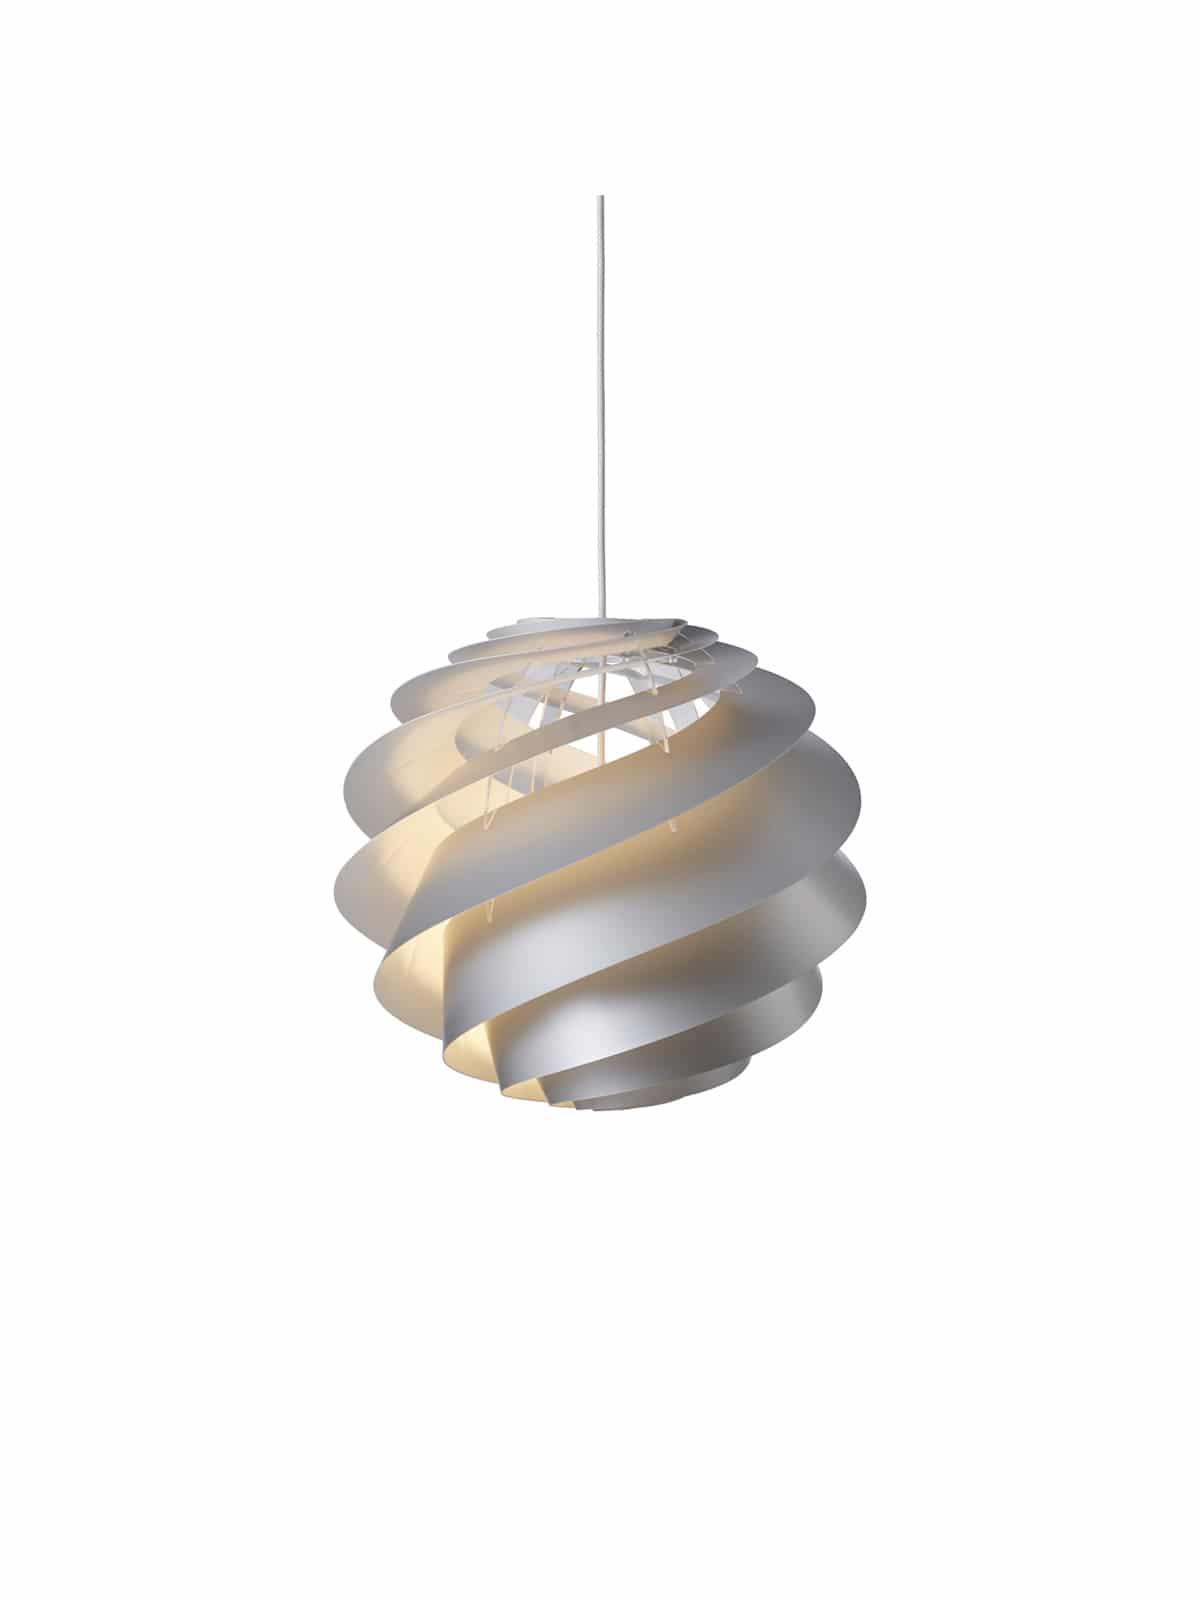 Swirl 3 - Lampen Leuchten Designerleuchten Online Berlin Design